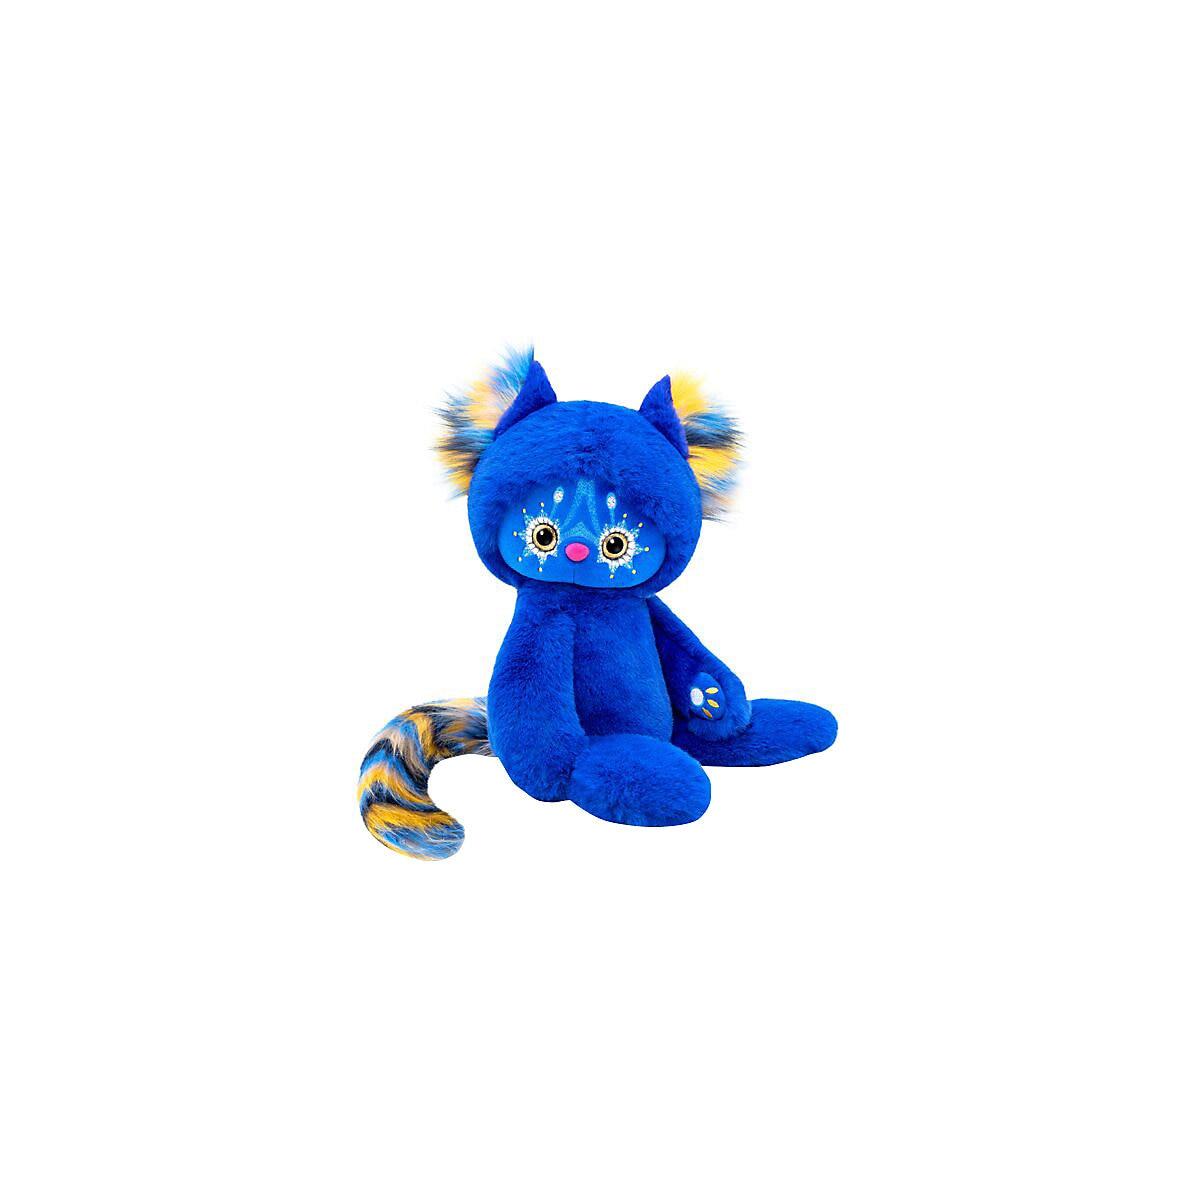 Animales de peluche y felpa 11371165 juguete para niños y niñas juguetes suaves para bebés